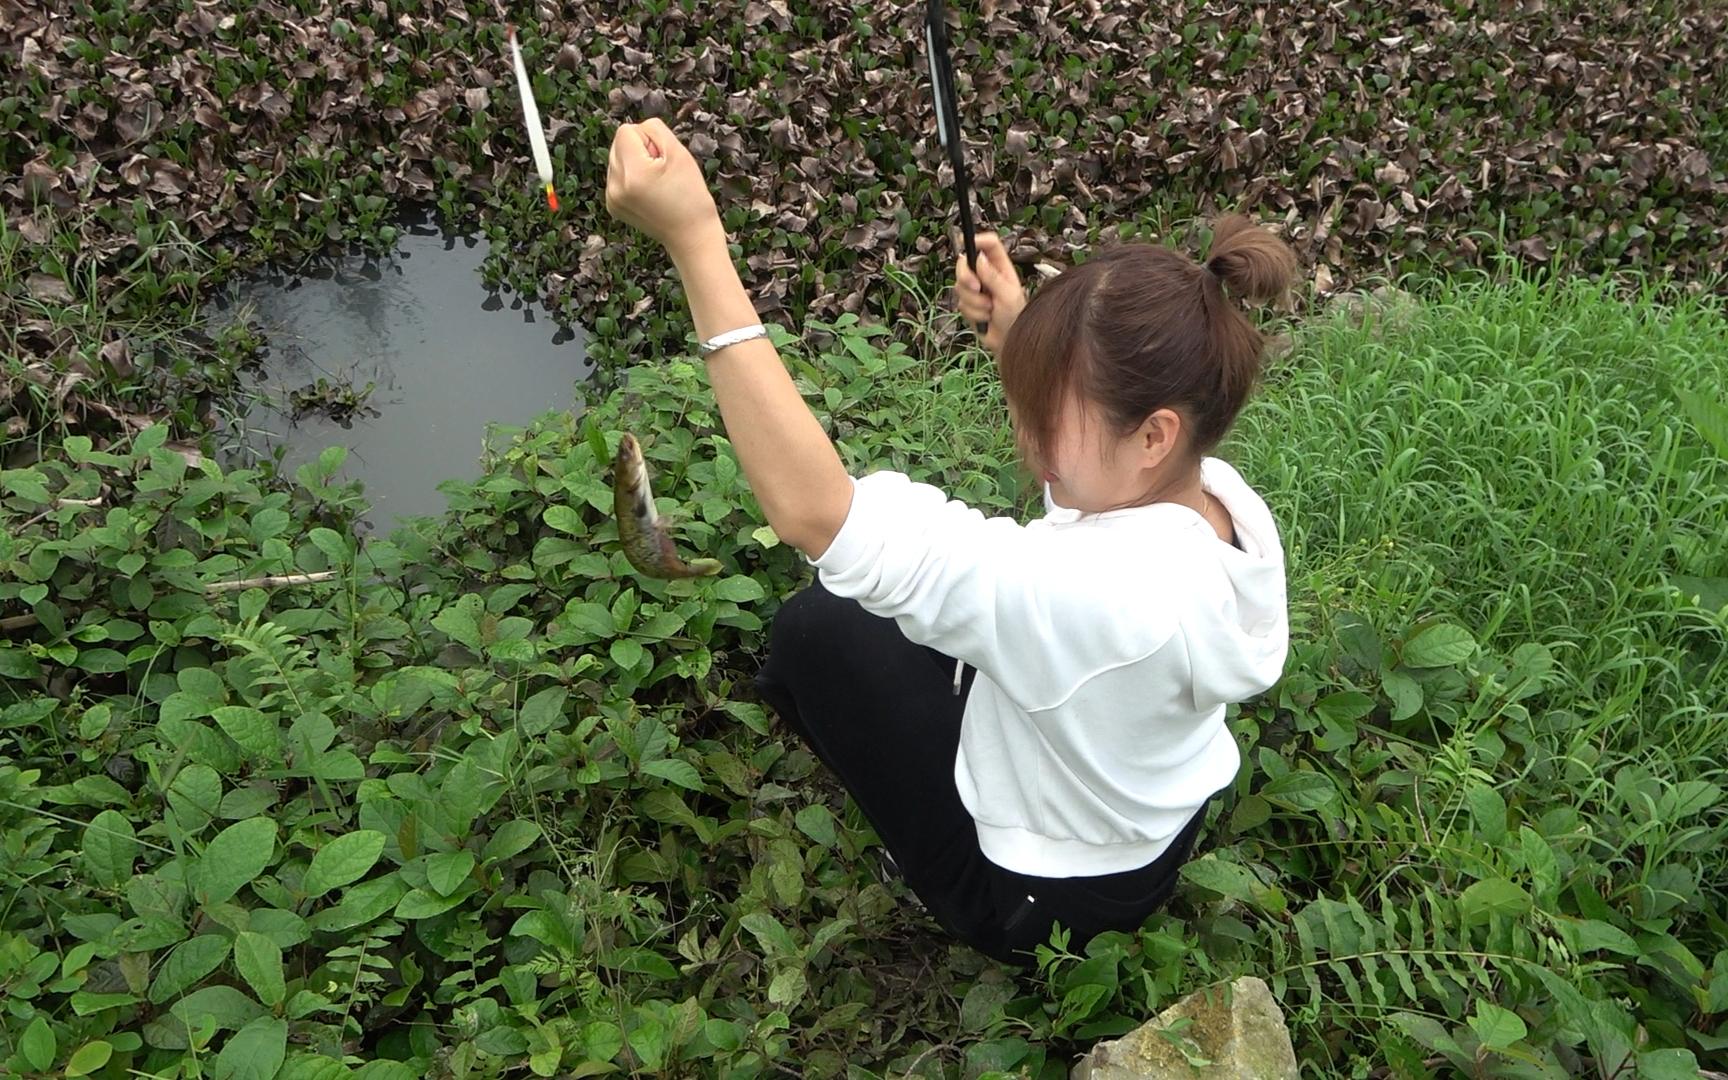 野钓:浓密的水葫芦扒开一个口,2小时后两人轮流甩杆,过瘾了